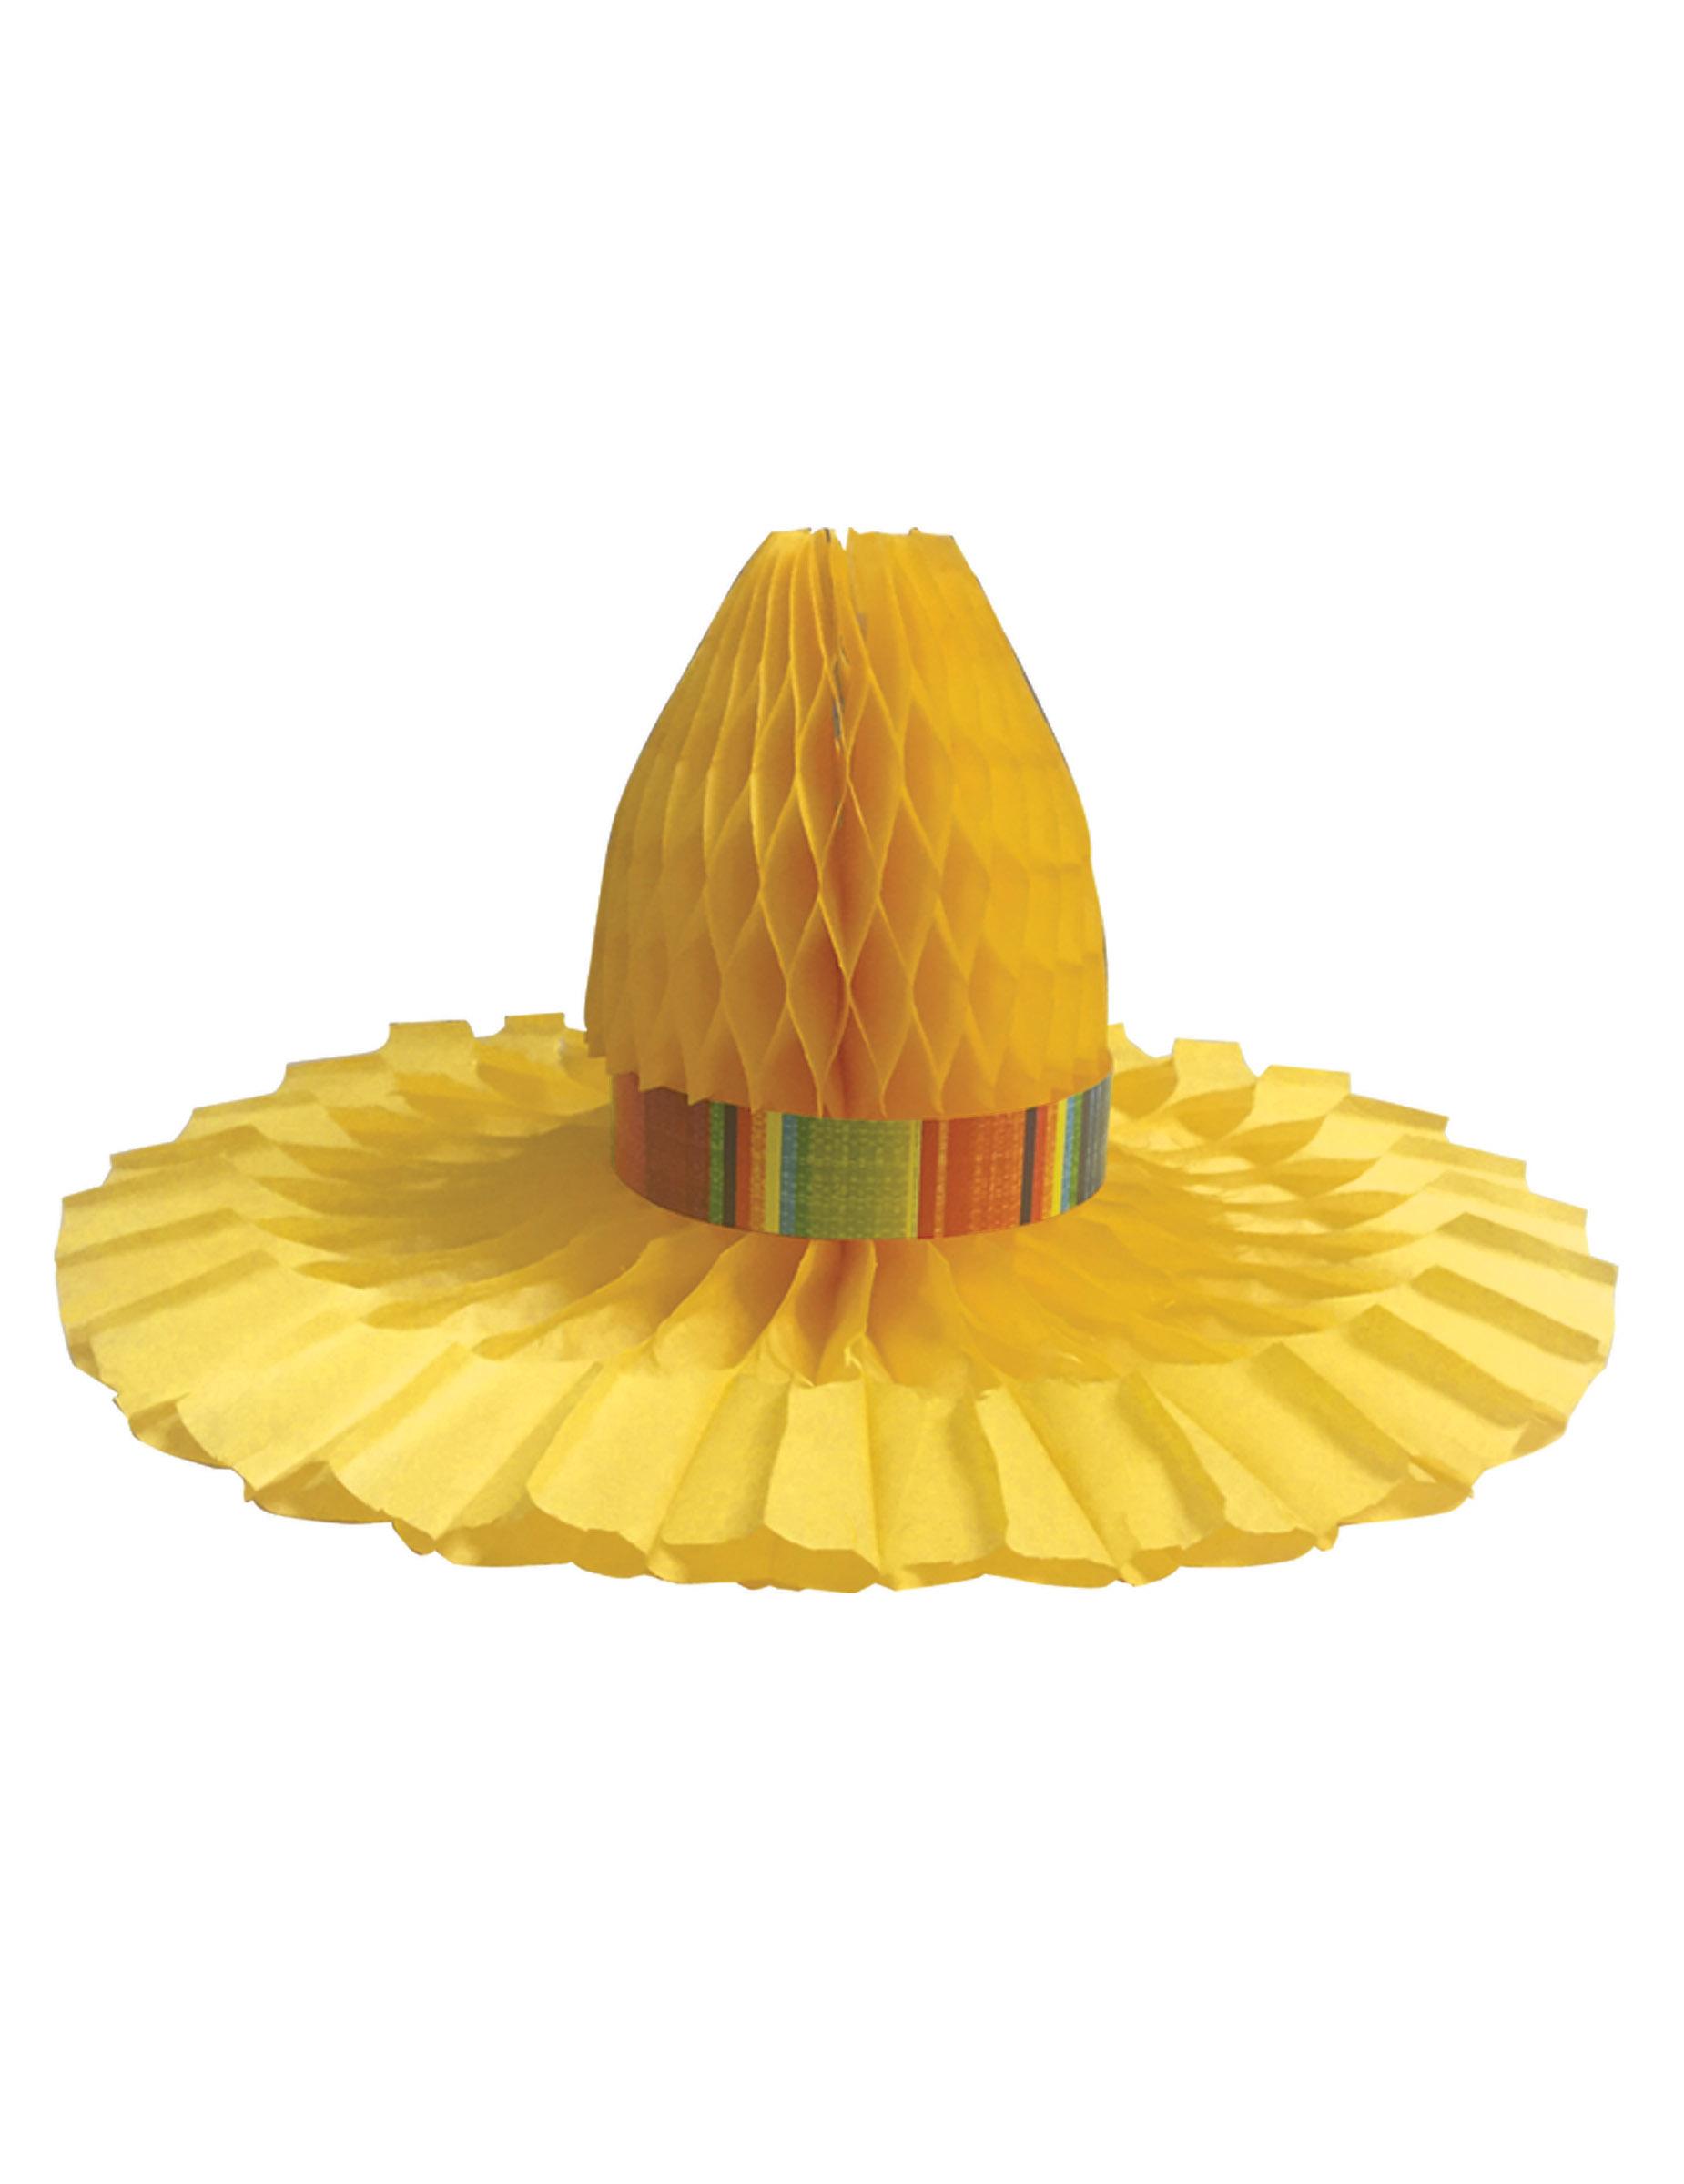 Centro tavola cappello di paglia messico su VegaooParty 65b0005e1110